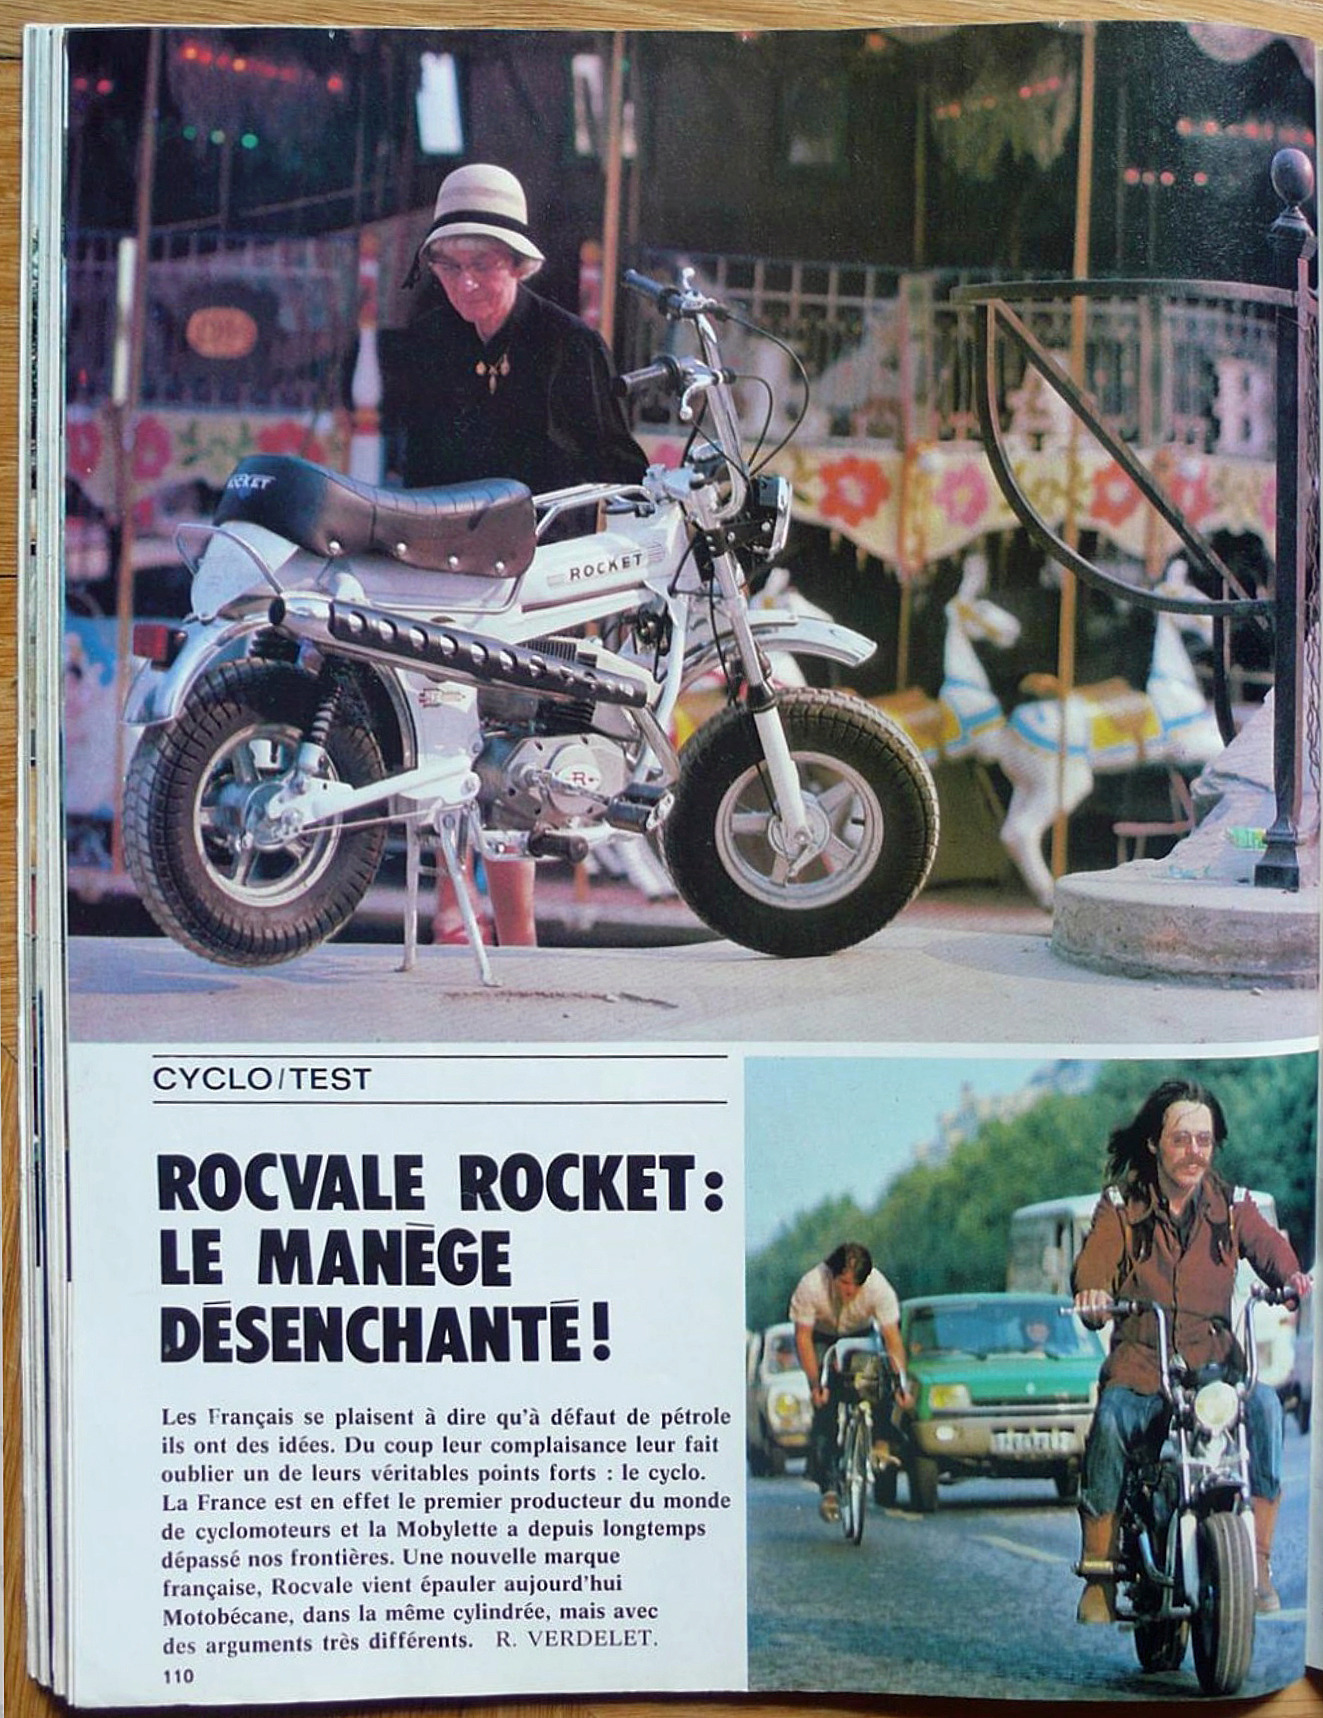 Recherche fiche technique constructeur Rocket M04 RT 49cc 2018-091